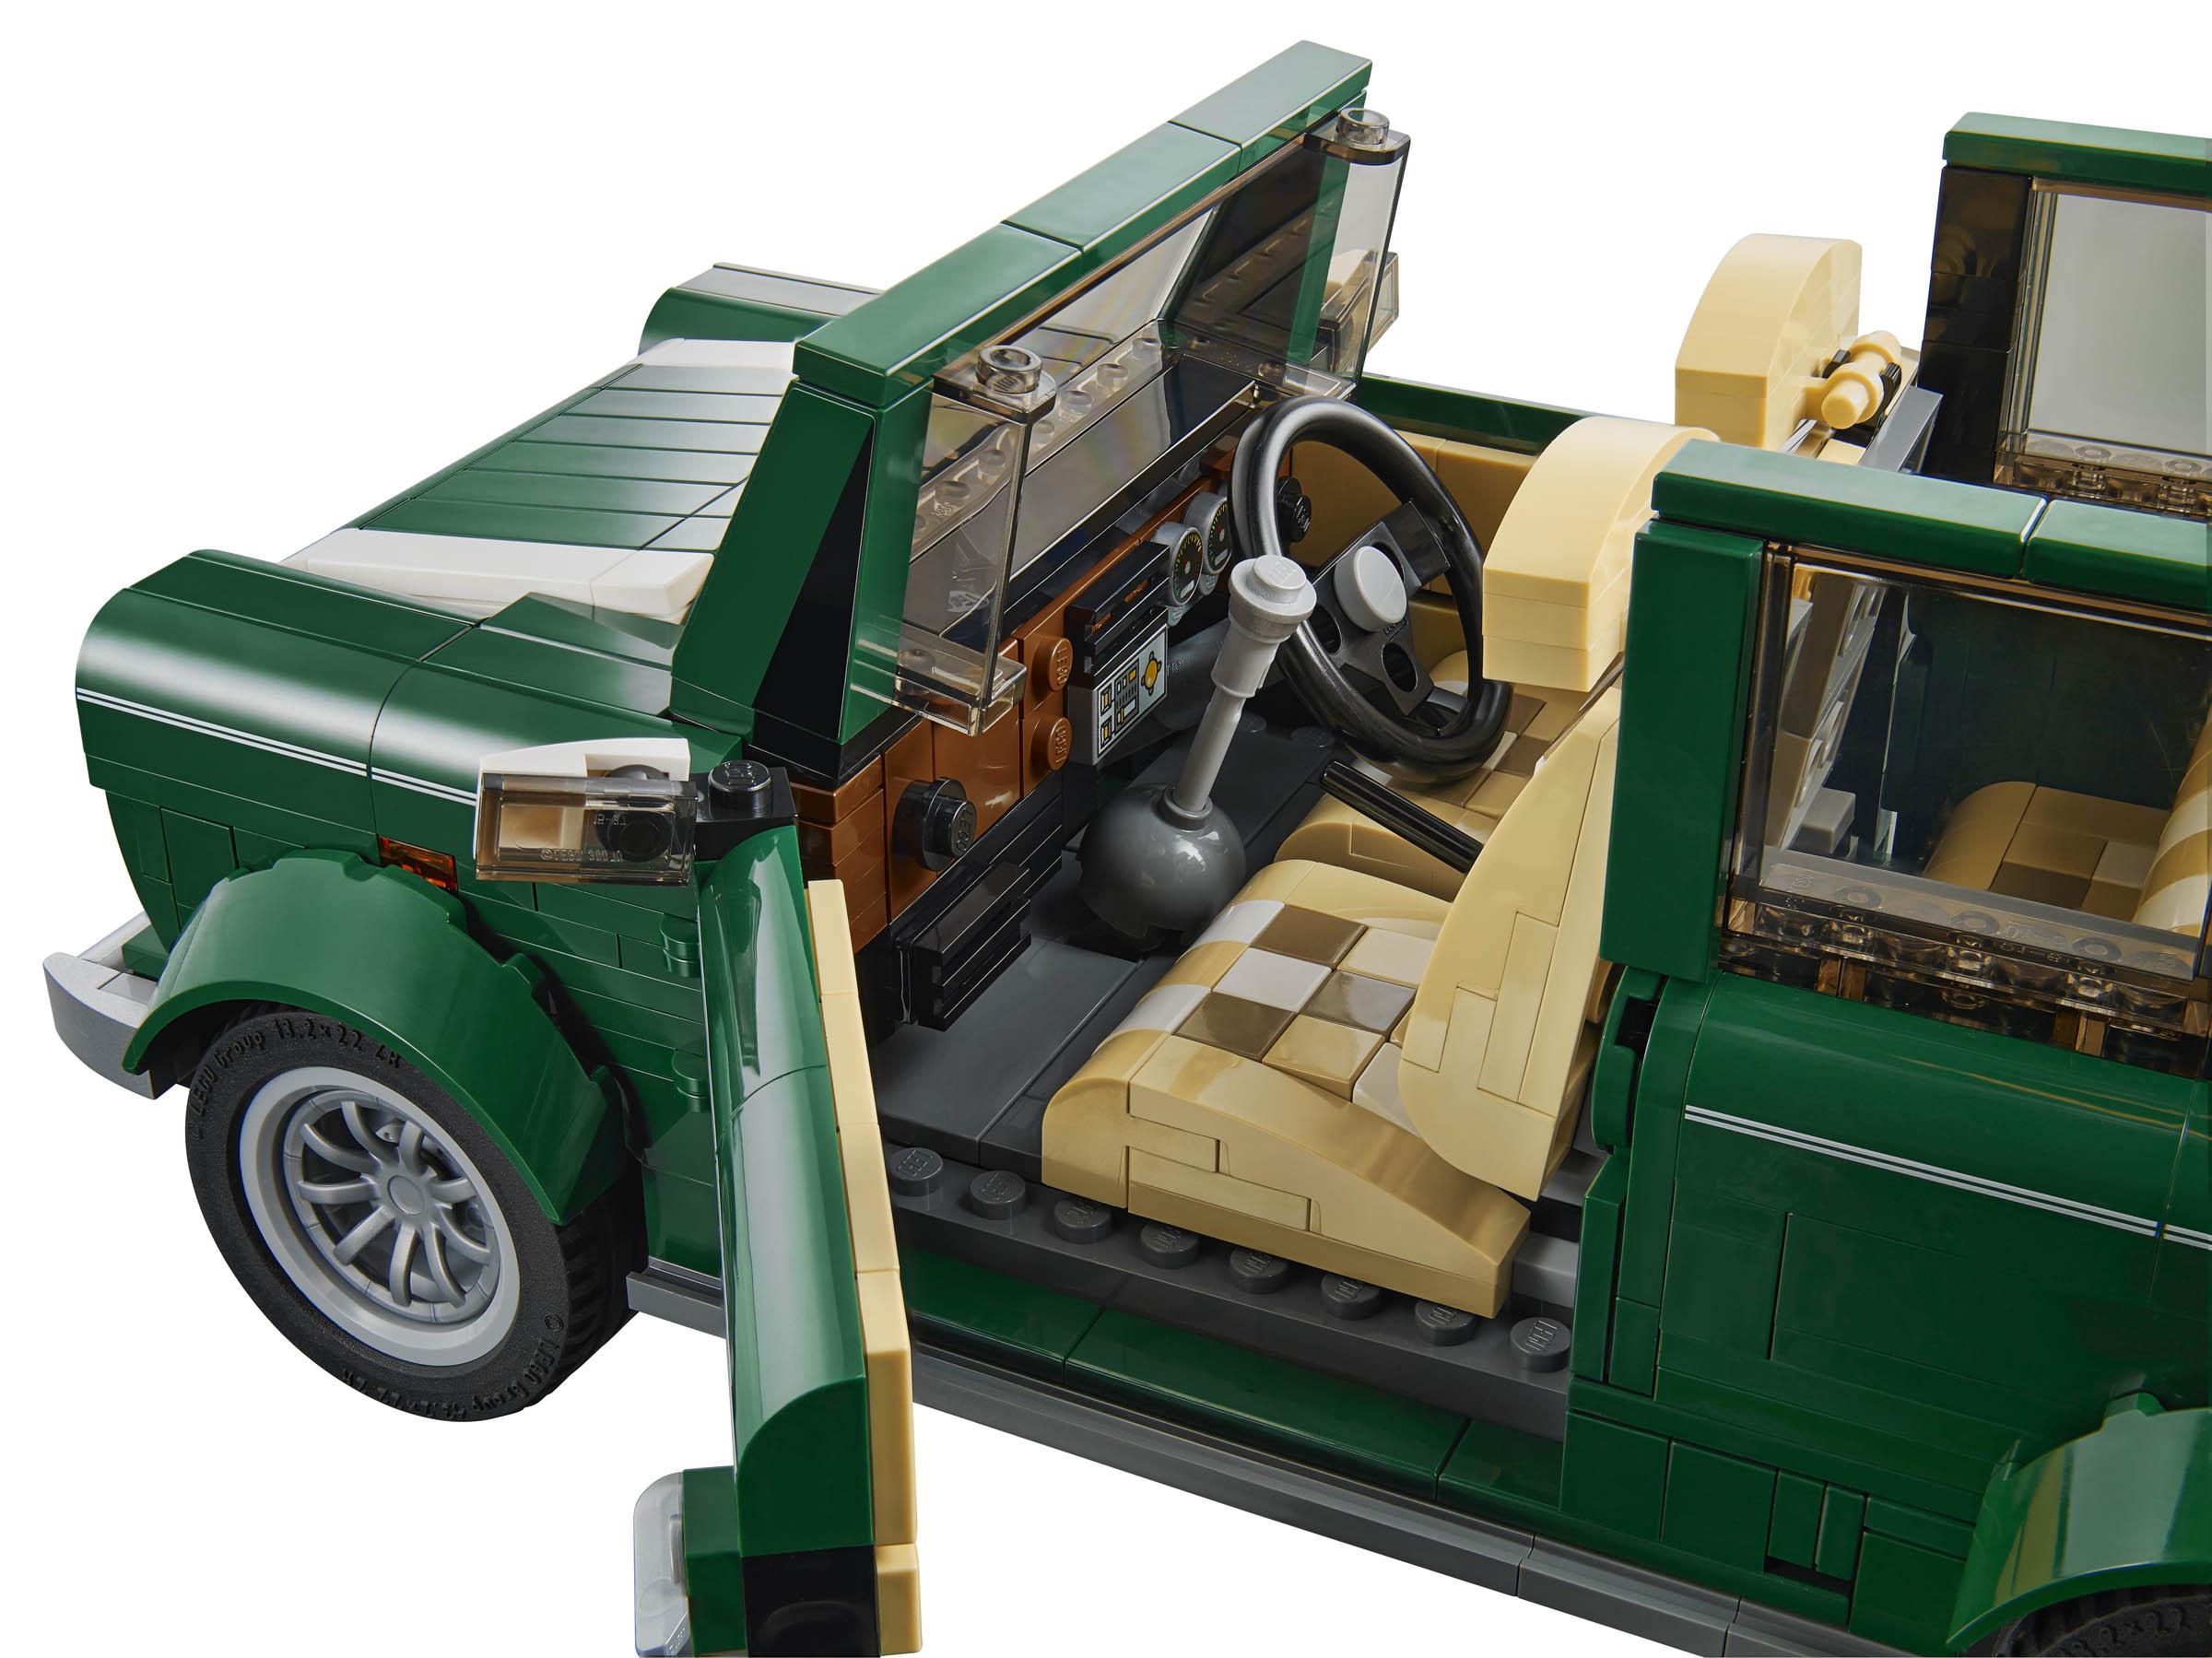 LEGO mini cooper 03